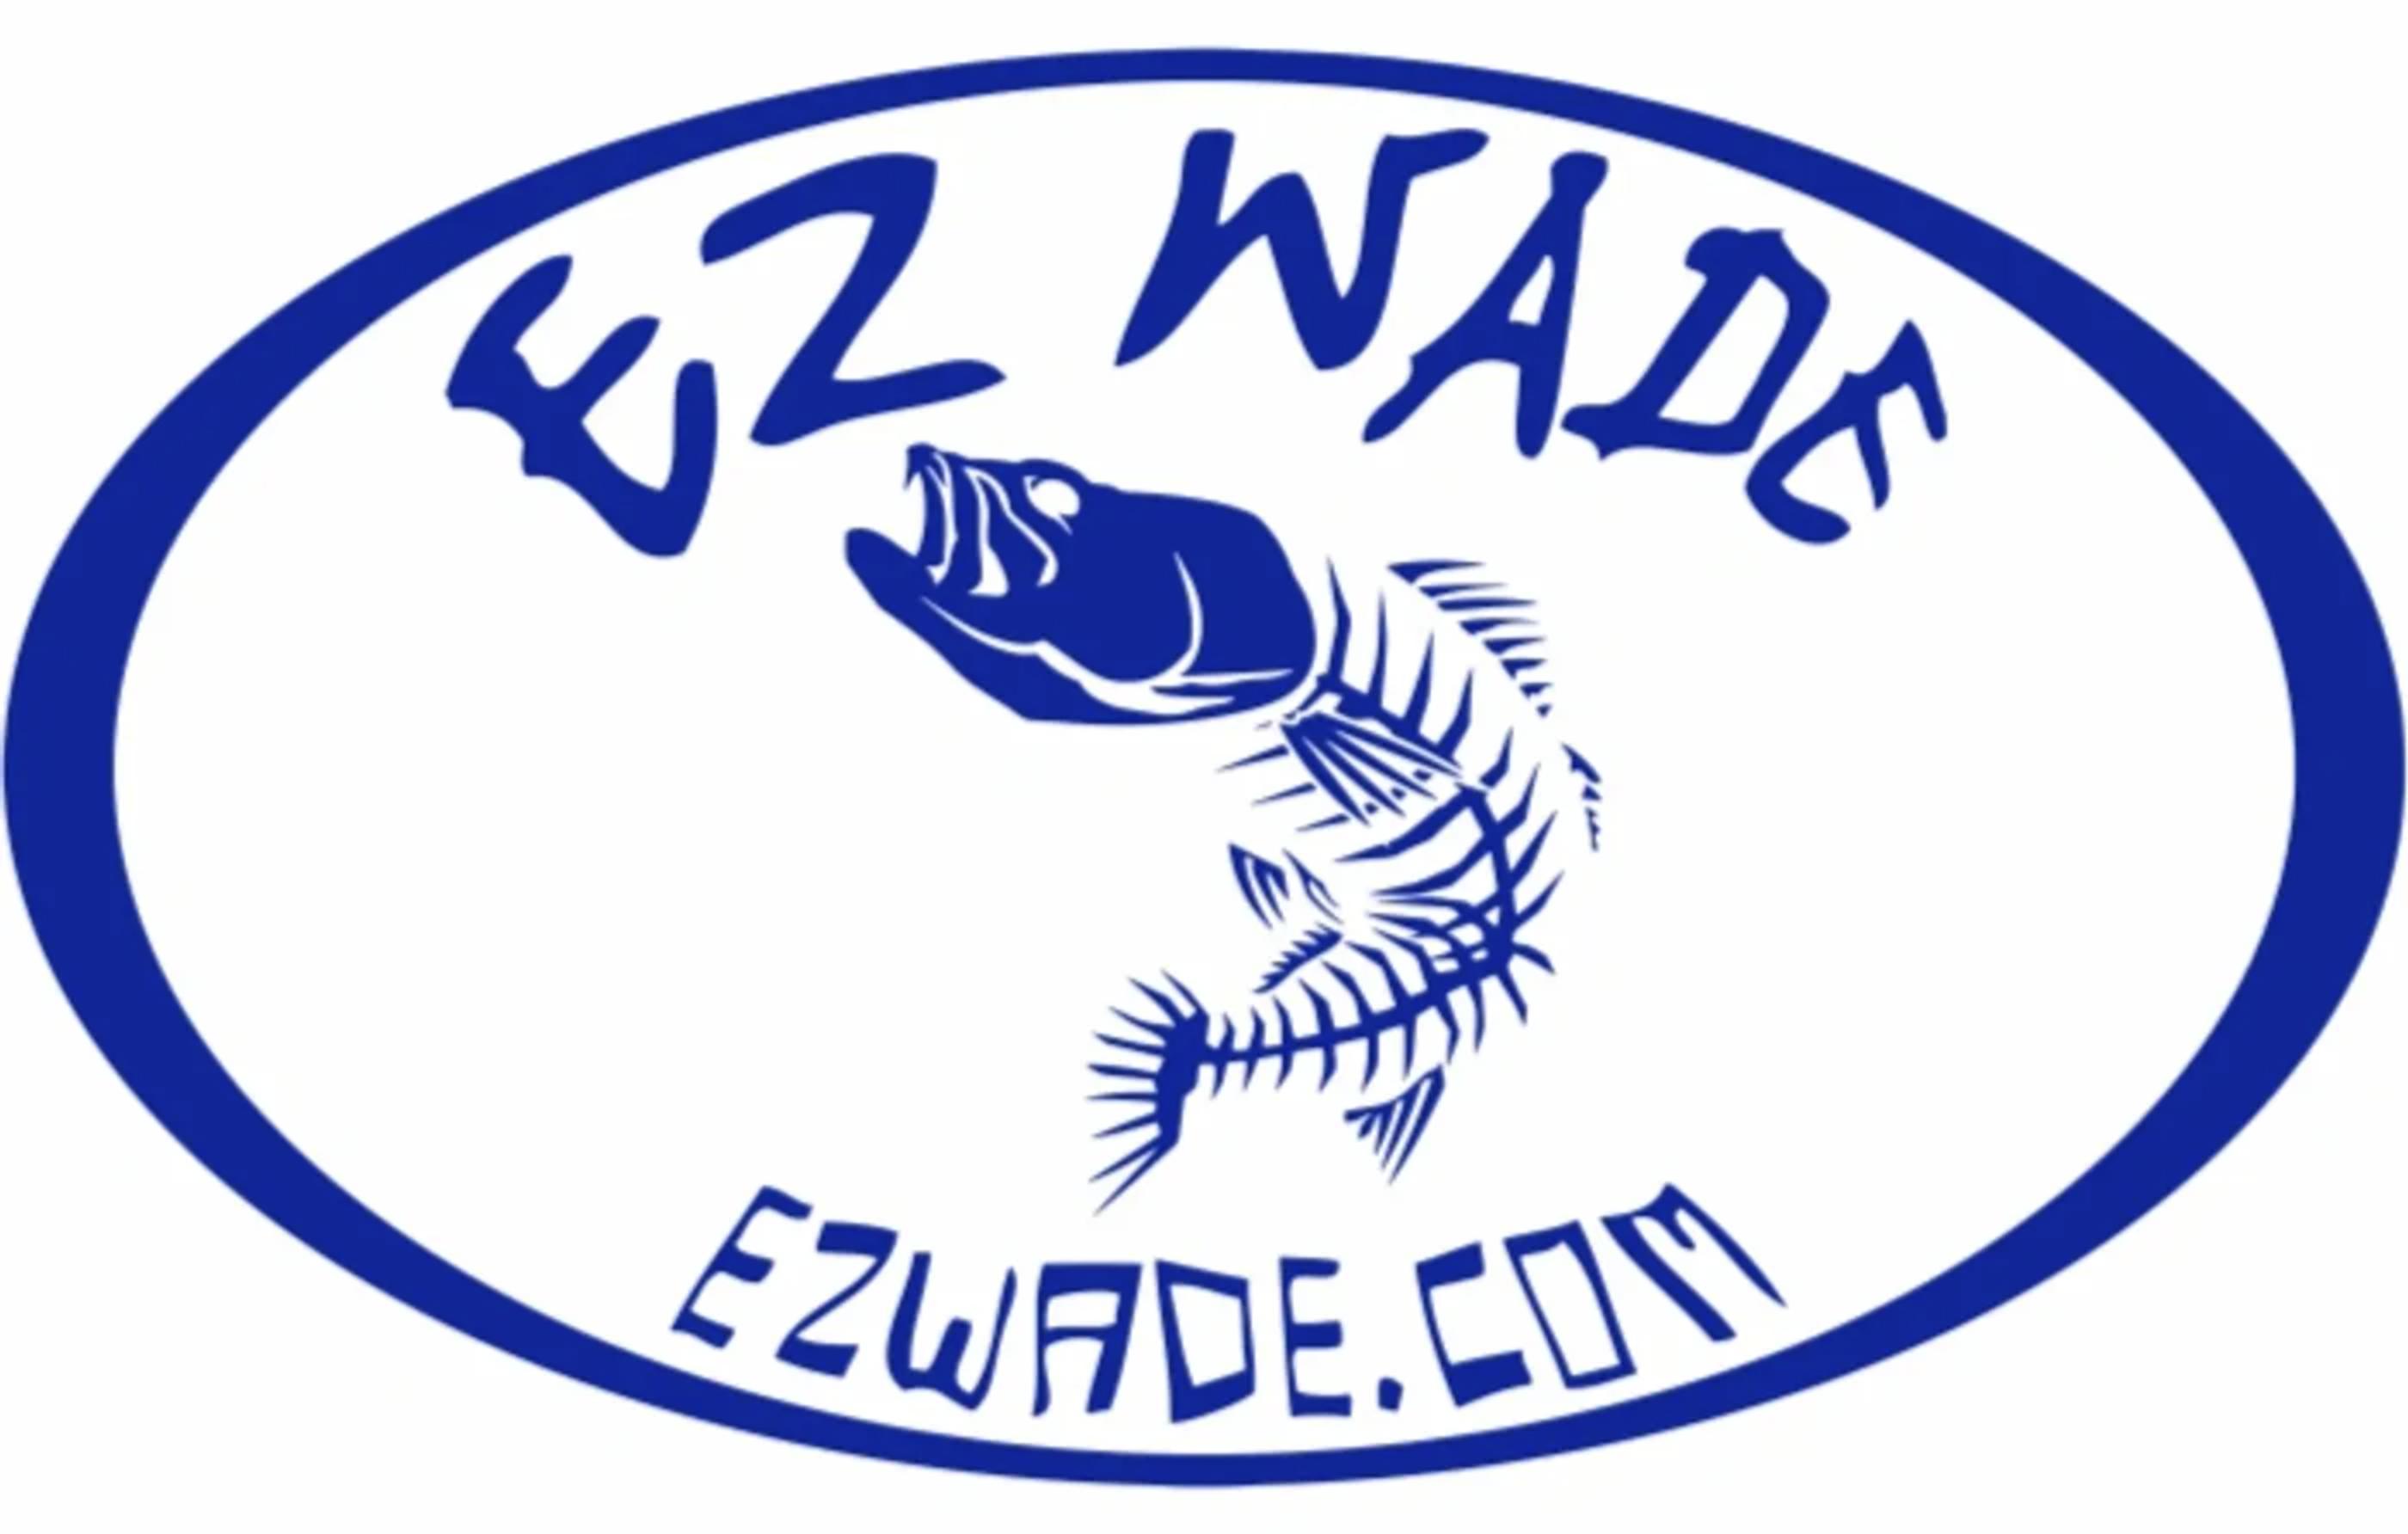 EZ Wade